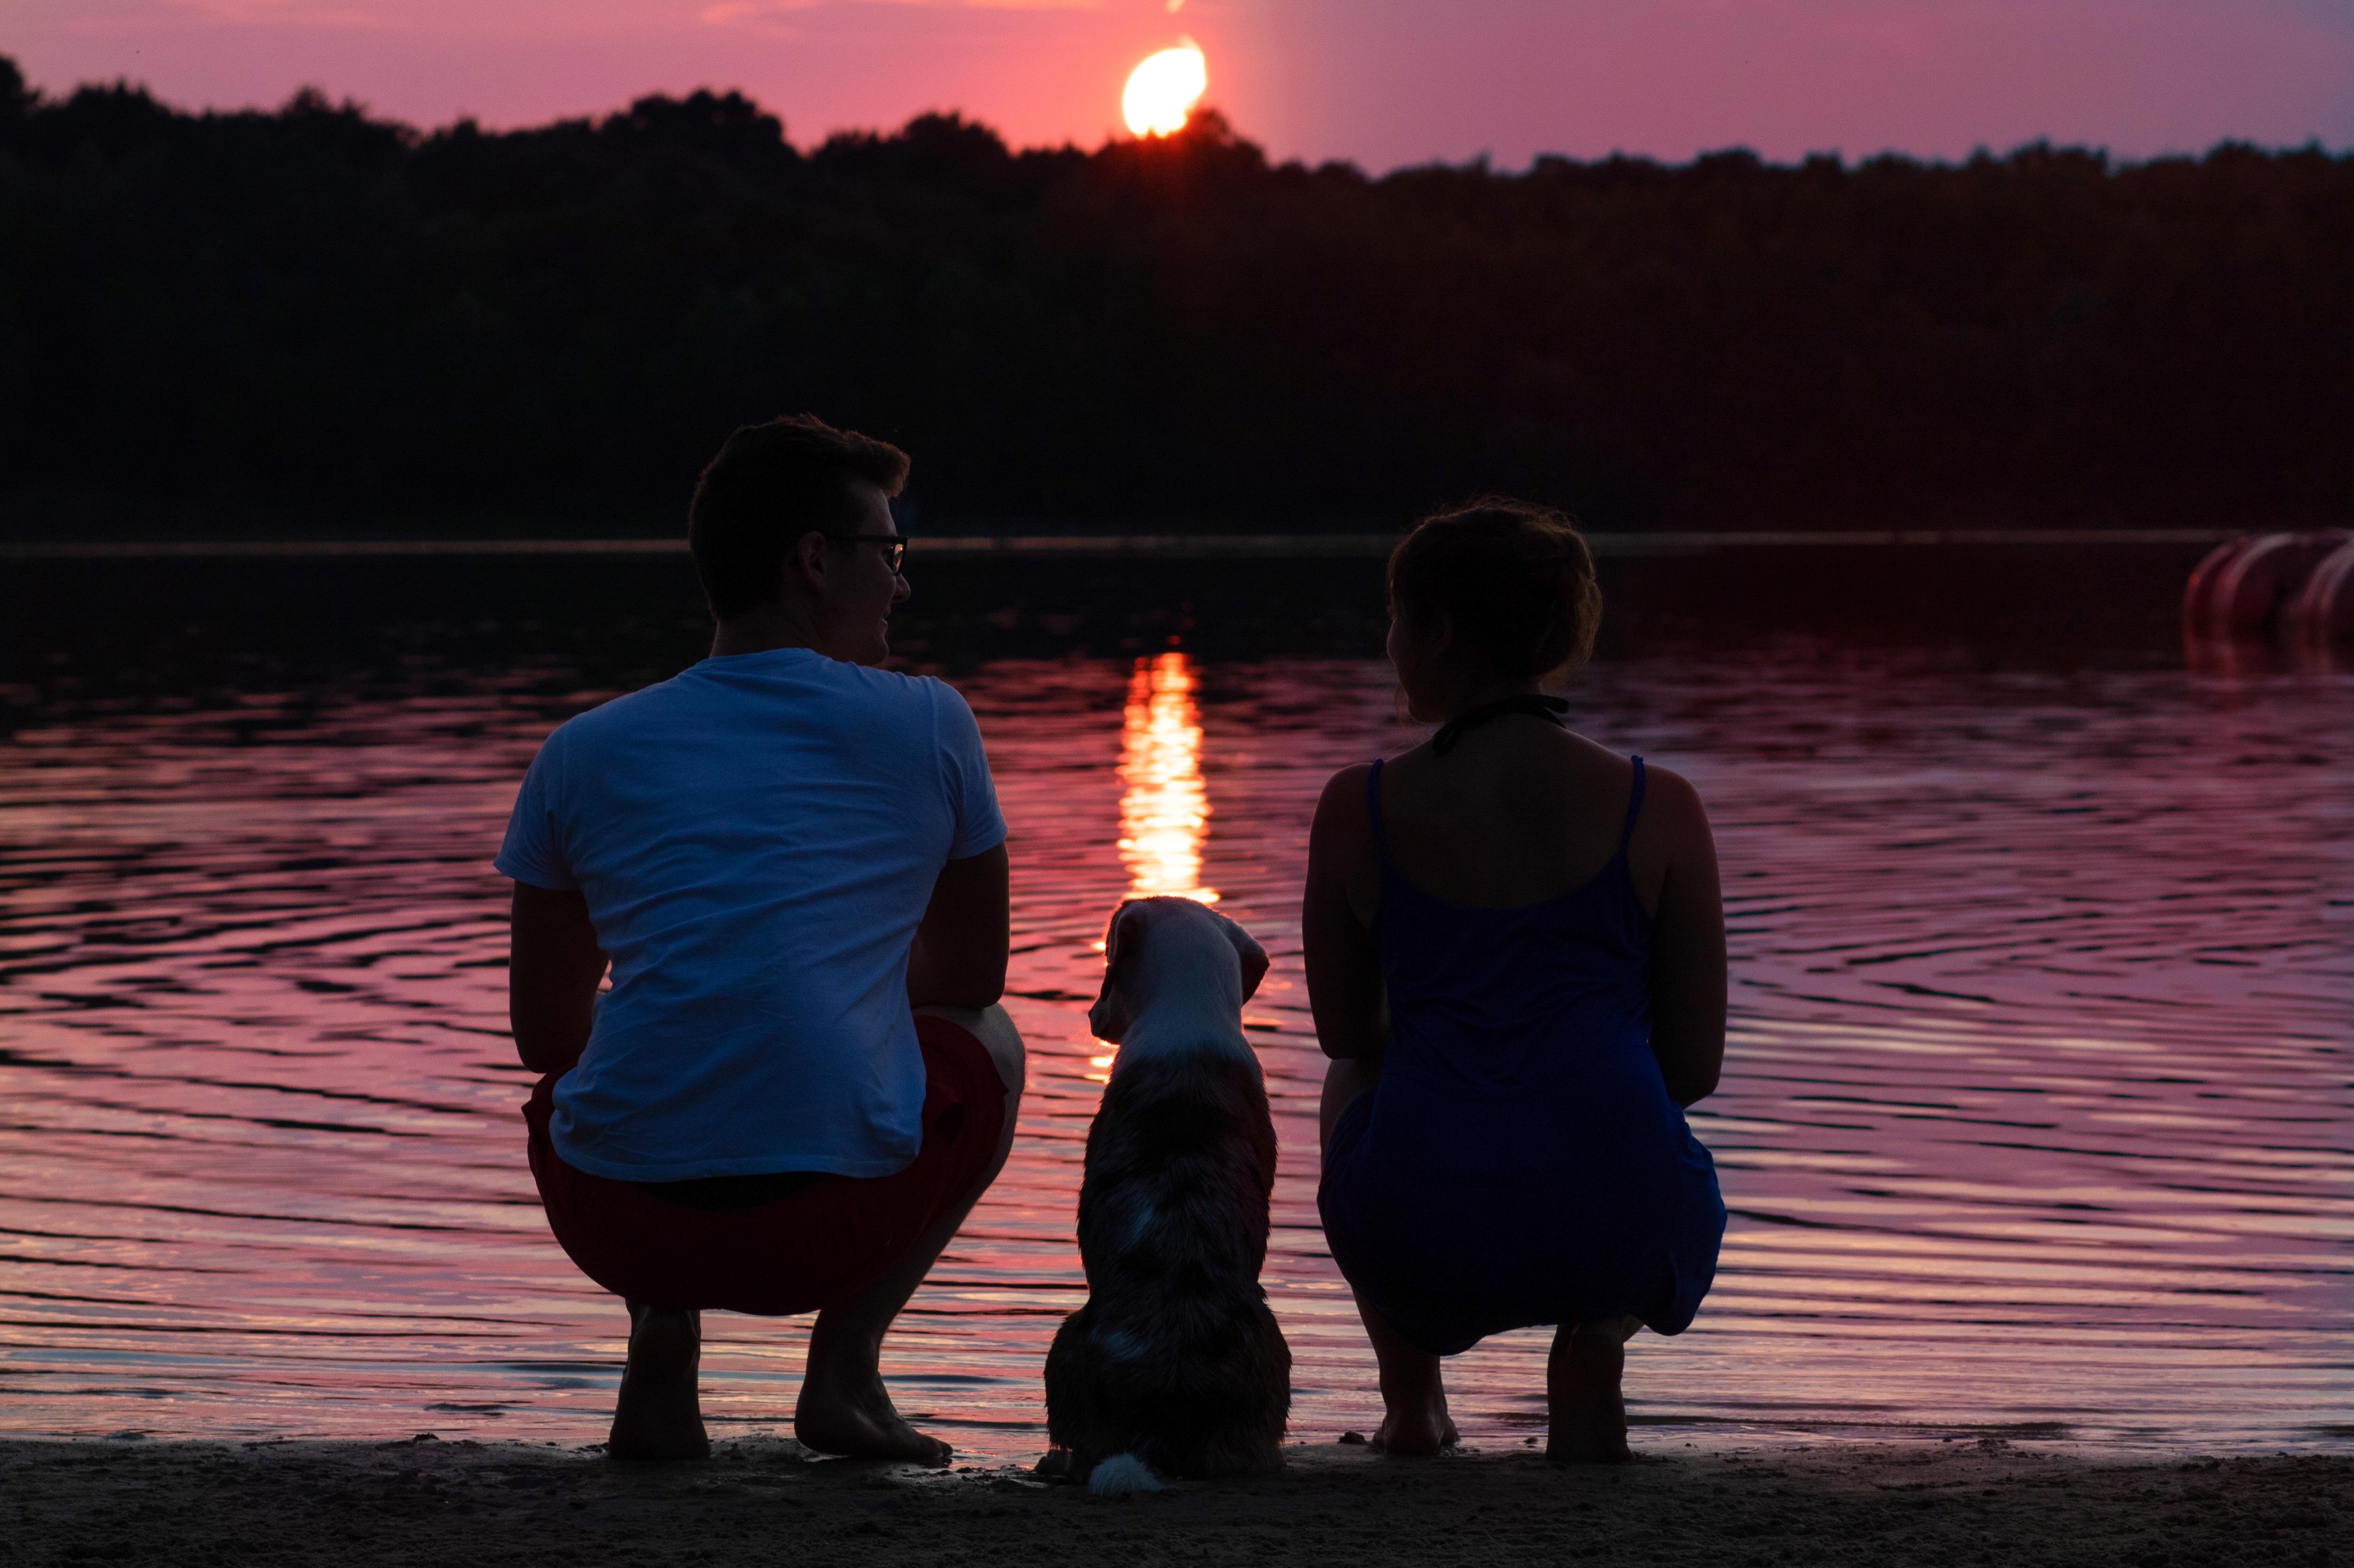 Unsere kleine Familie – Oder auch: Wer sind wir eigentlich?